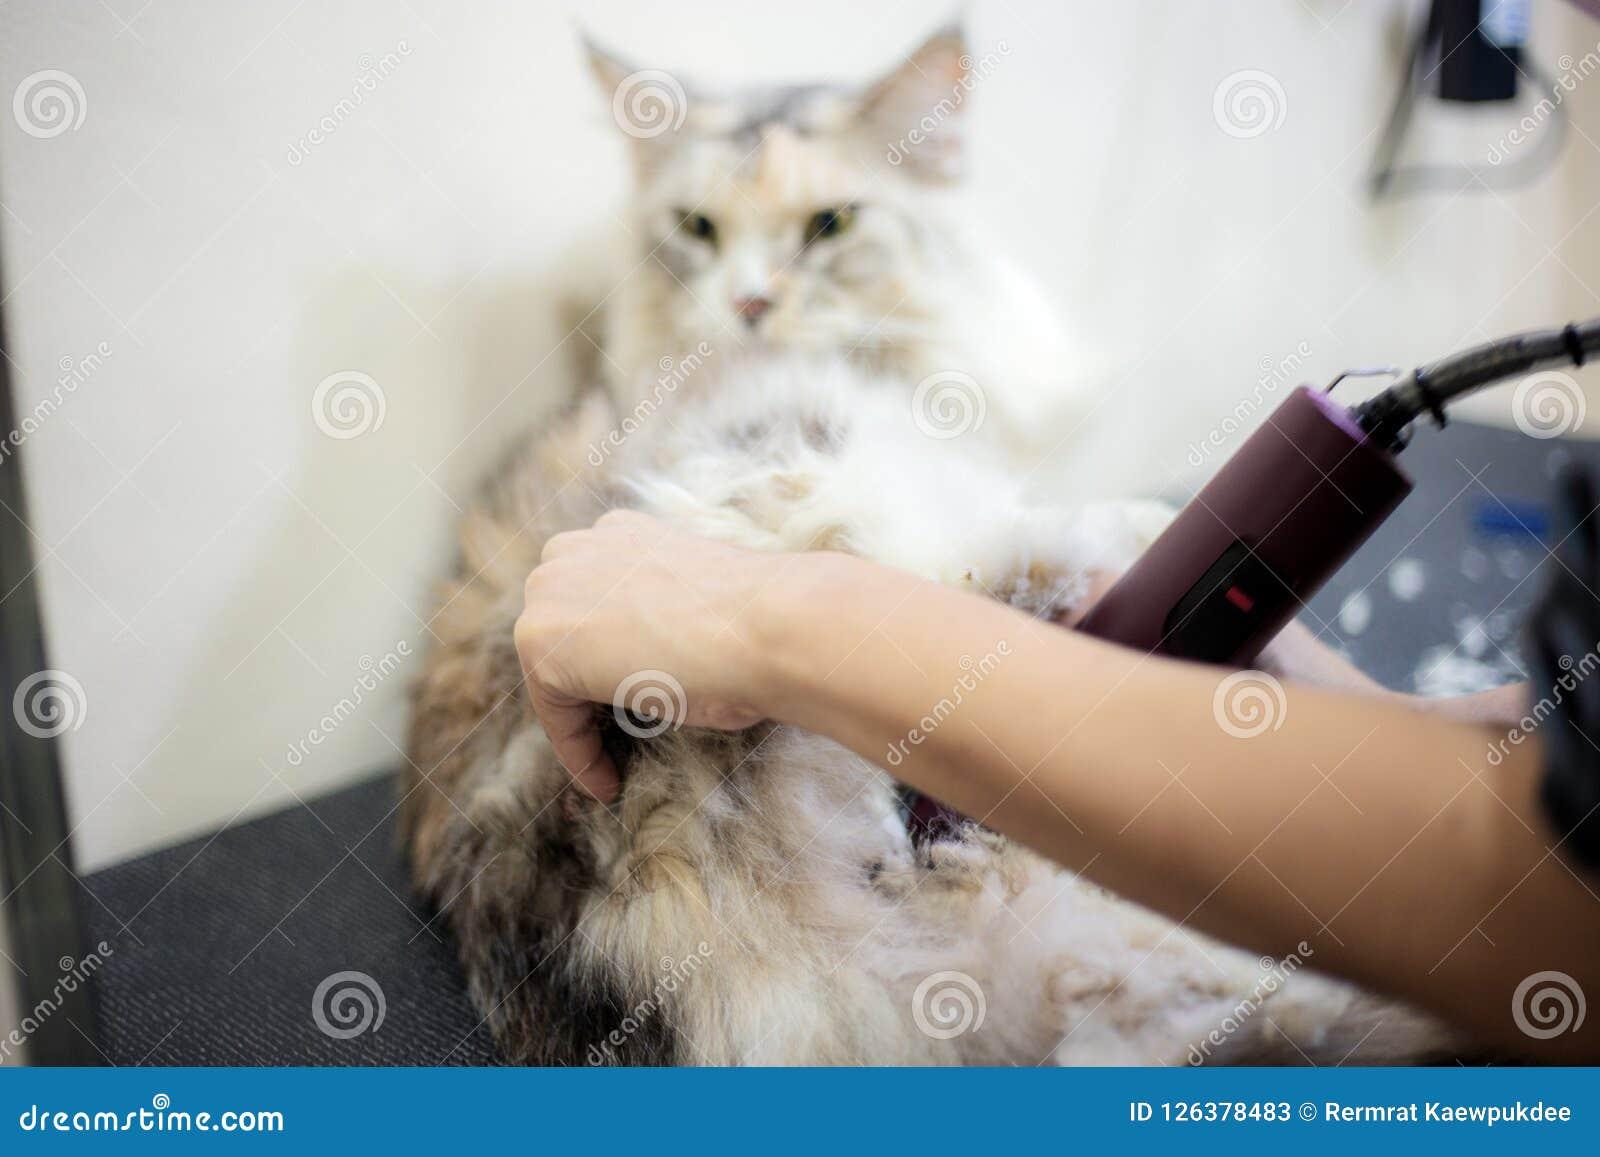 c3f96f9032d1 Τέμνουσα τρίχα γυναικών μια γάτα Στοκ Εικόνα - εικόνα από ισπανικός ...